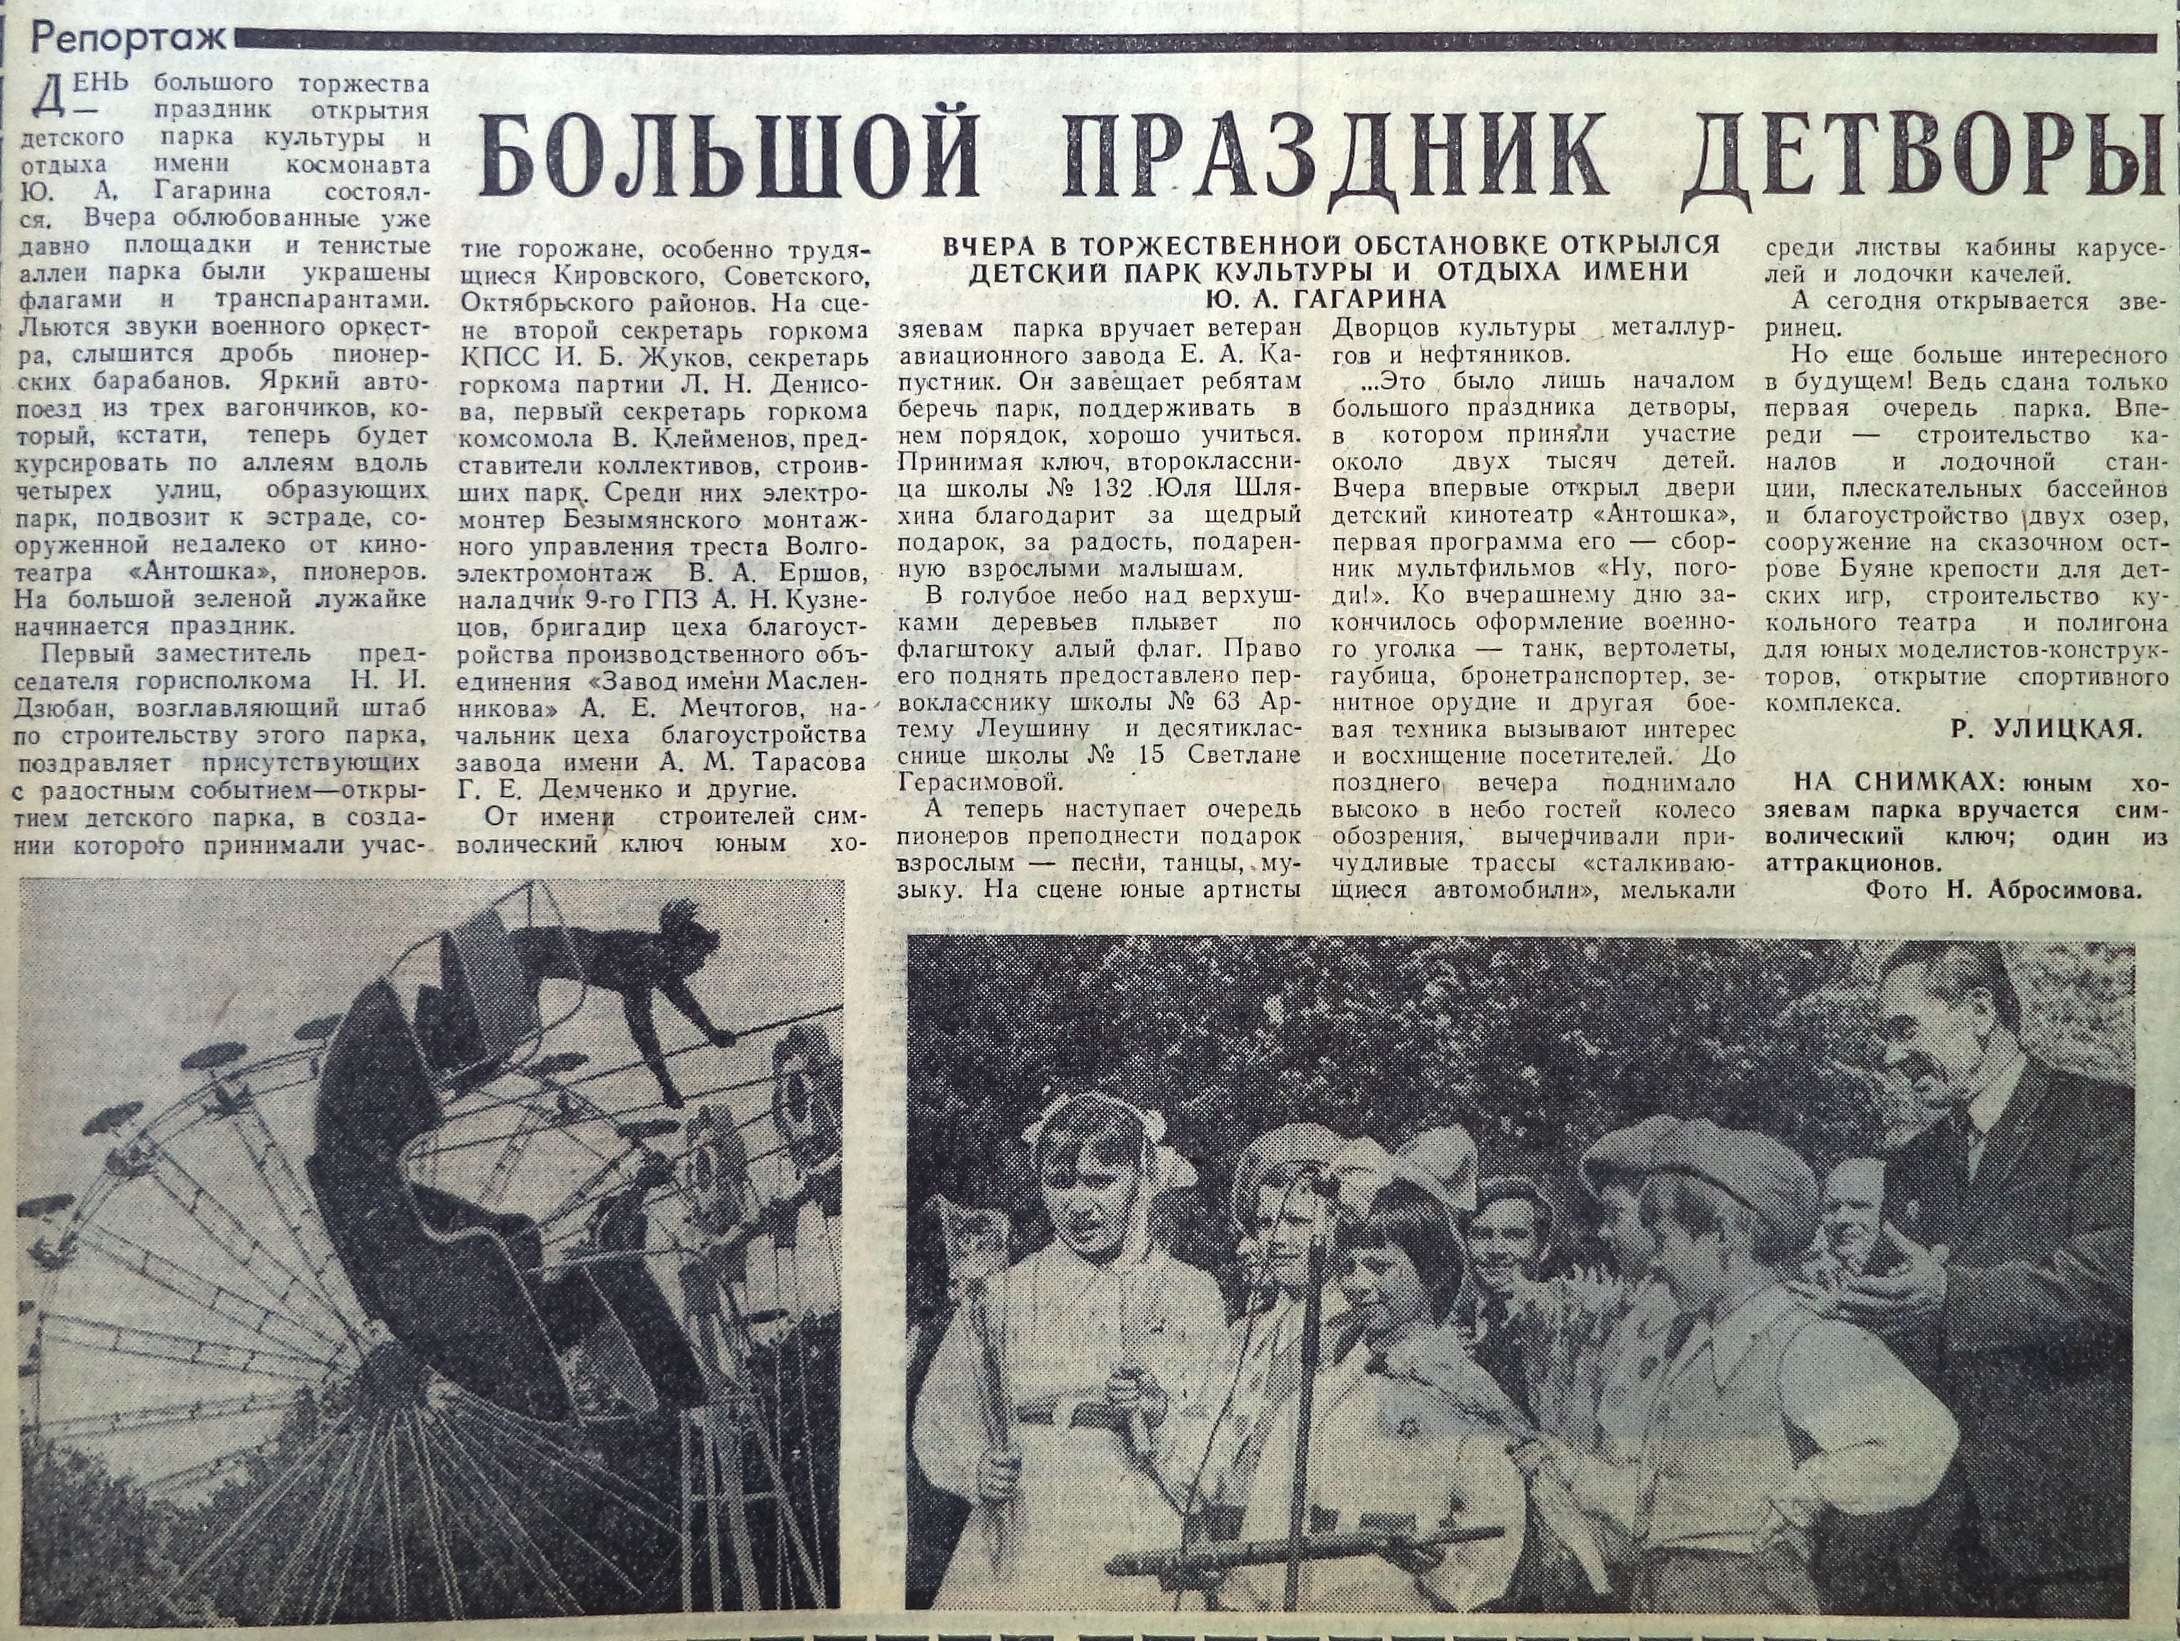 Московское-ФОТО-28-ВЗя-1976-07-10-открытие Парка им. Гагарина